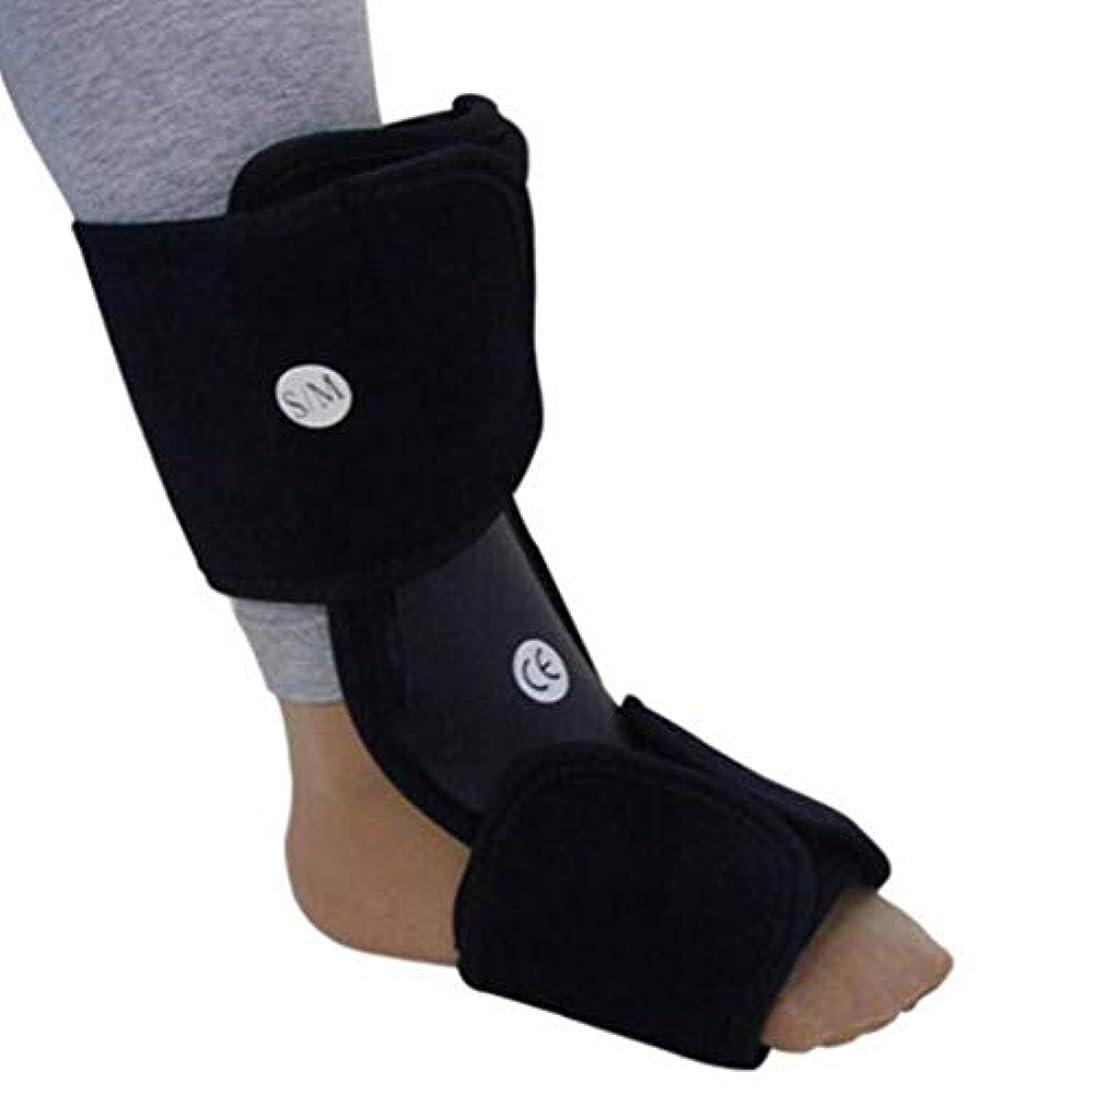 春過敏な憂慮すべき足首レッグストラップサポート足装具補正足底スプリント固定プロテクター足首の痛みを軽減し、捻rainを復元 (Size : S)